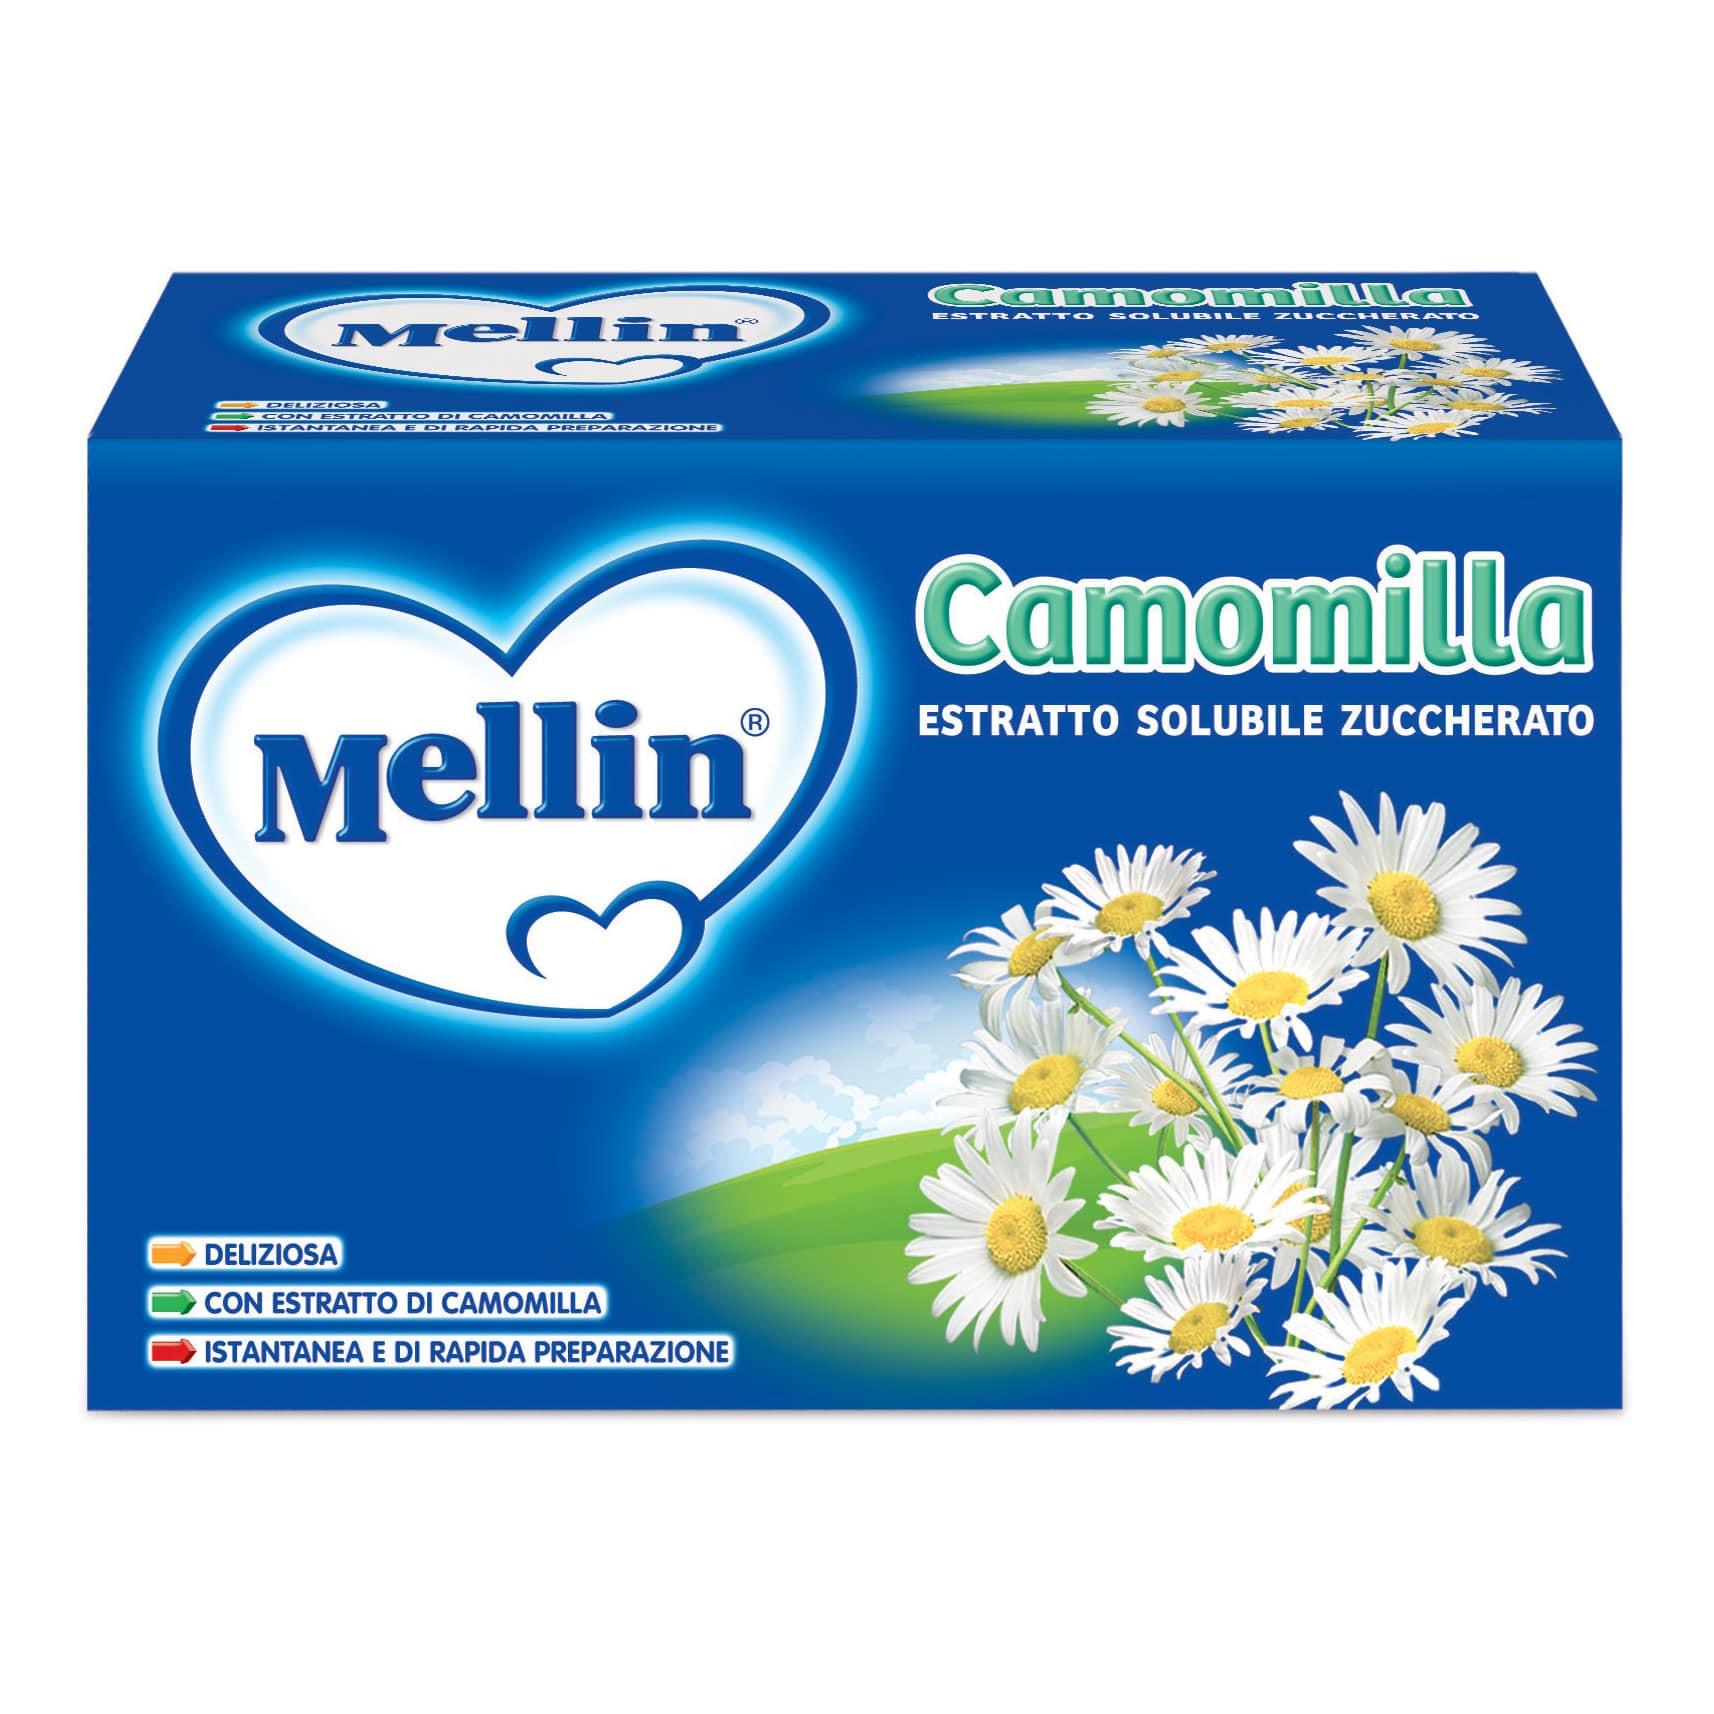 Camomilla in Busta Mellin